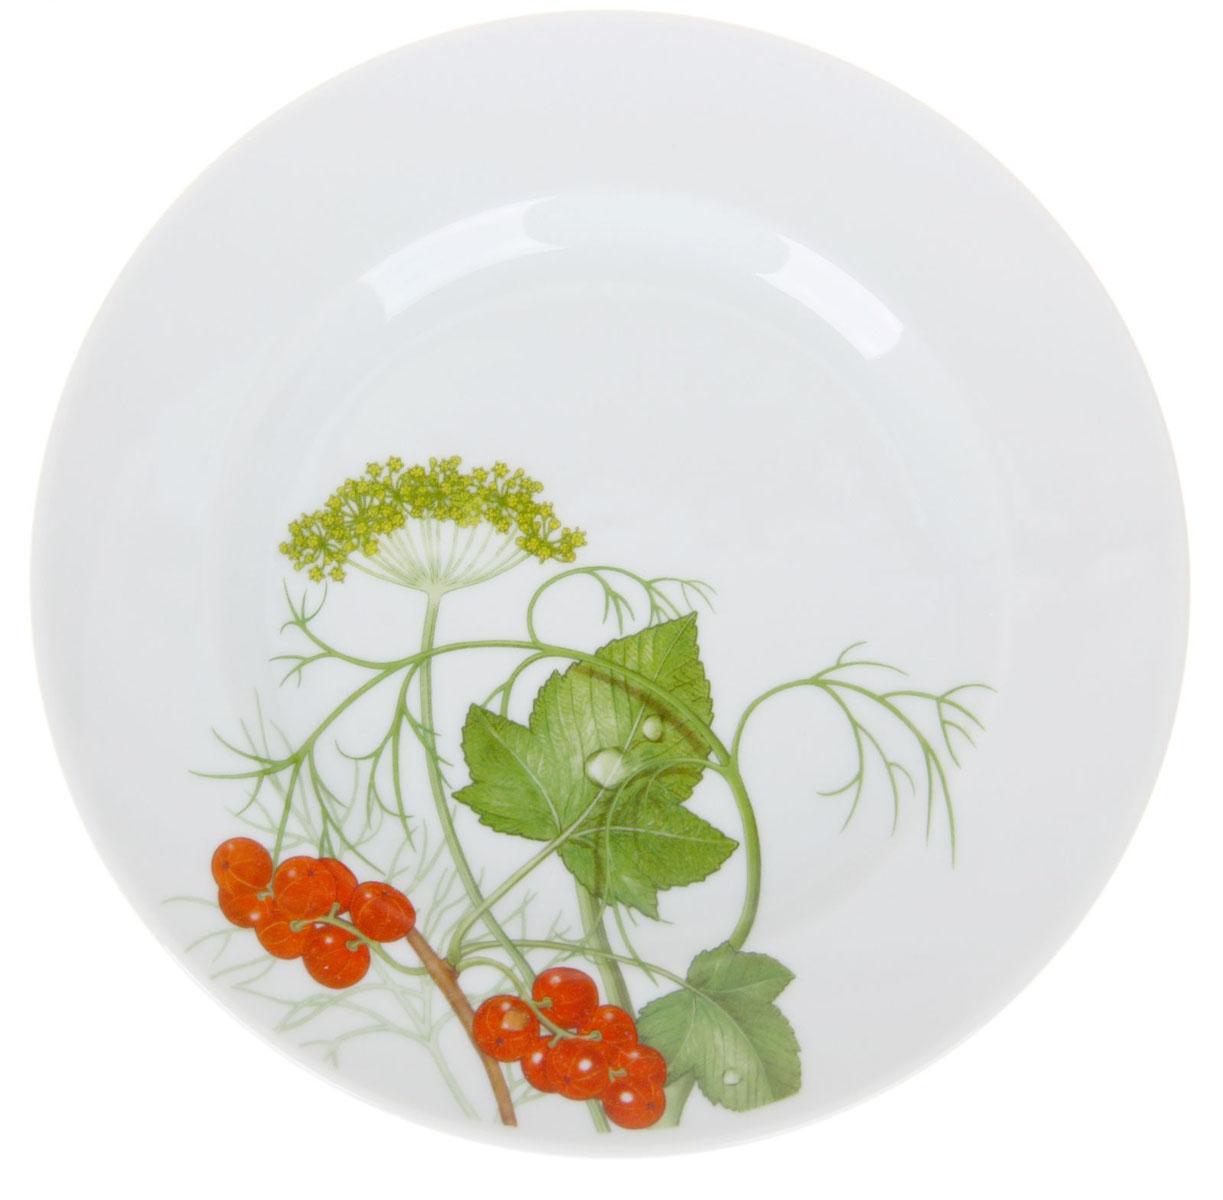 Тарелка мелкая Идиллия. Садочек, диаметр 20 см1224527